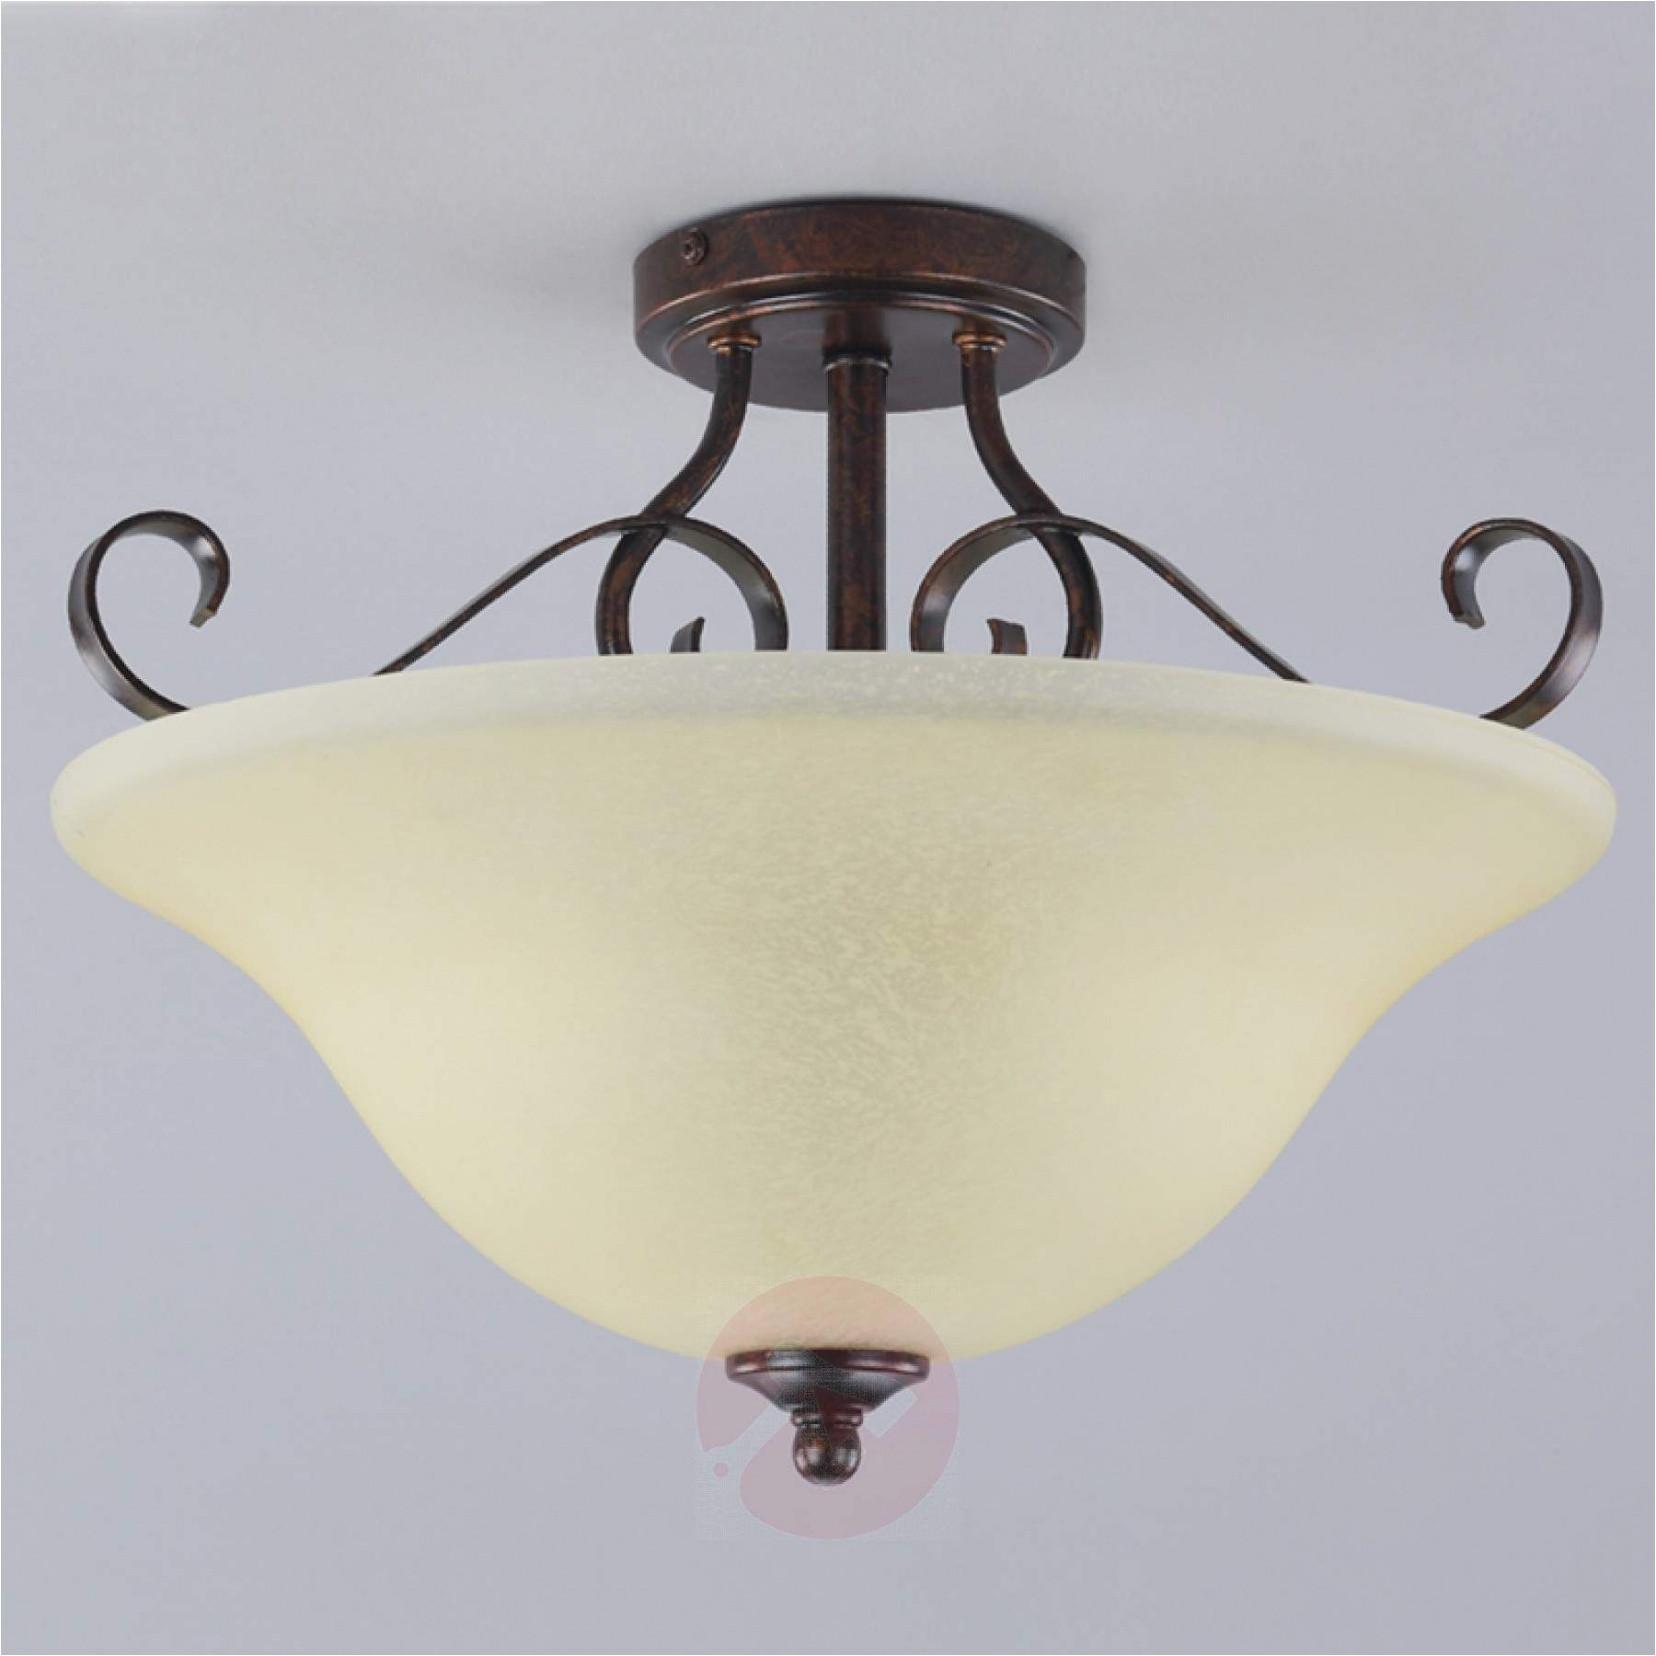 12 galerie de photos de pantallas para lamparas de mesa